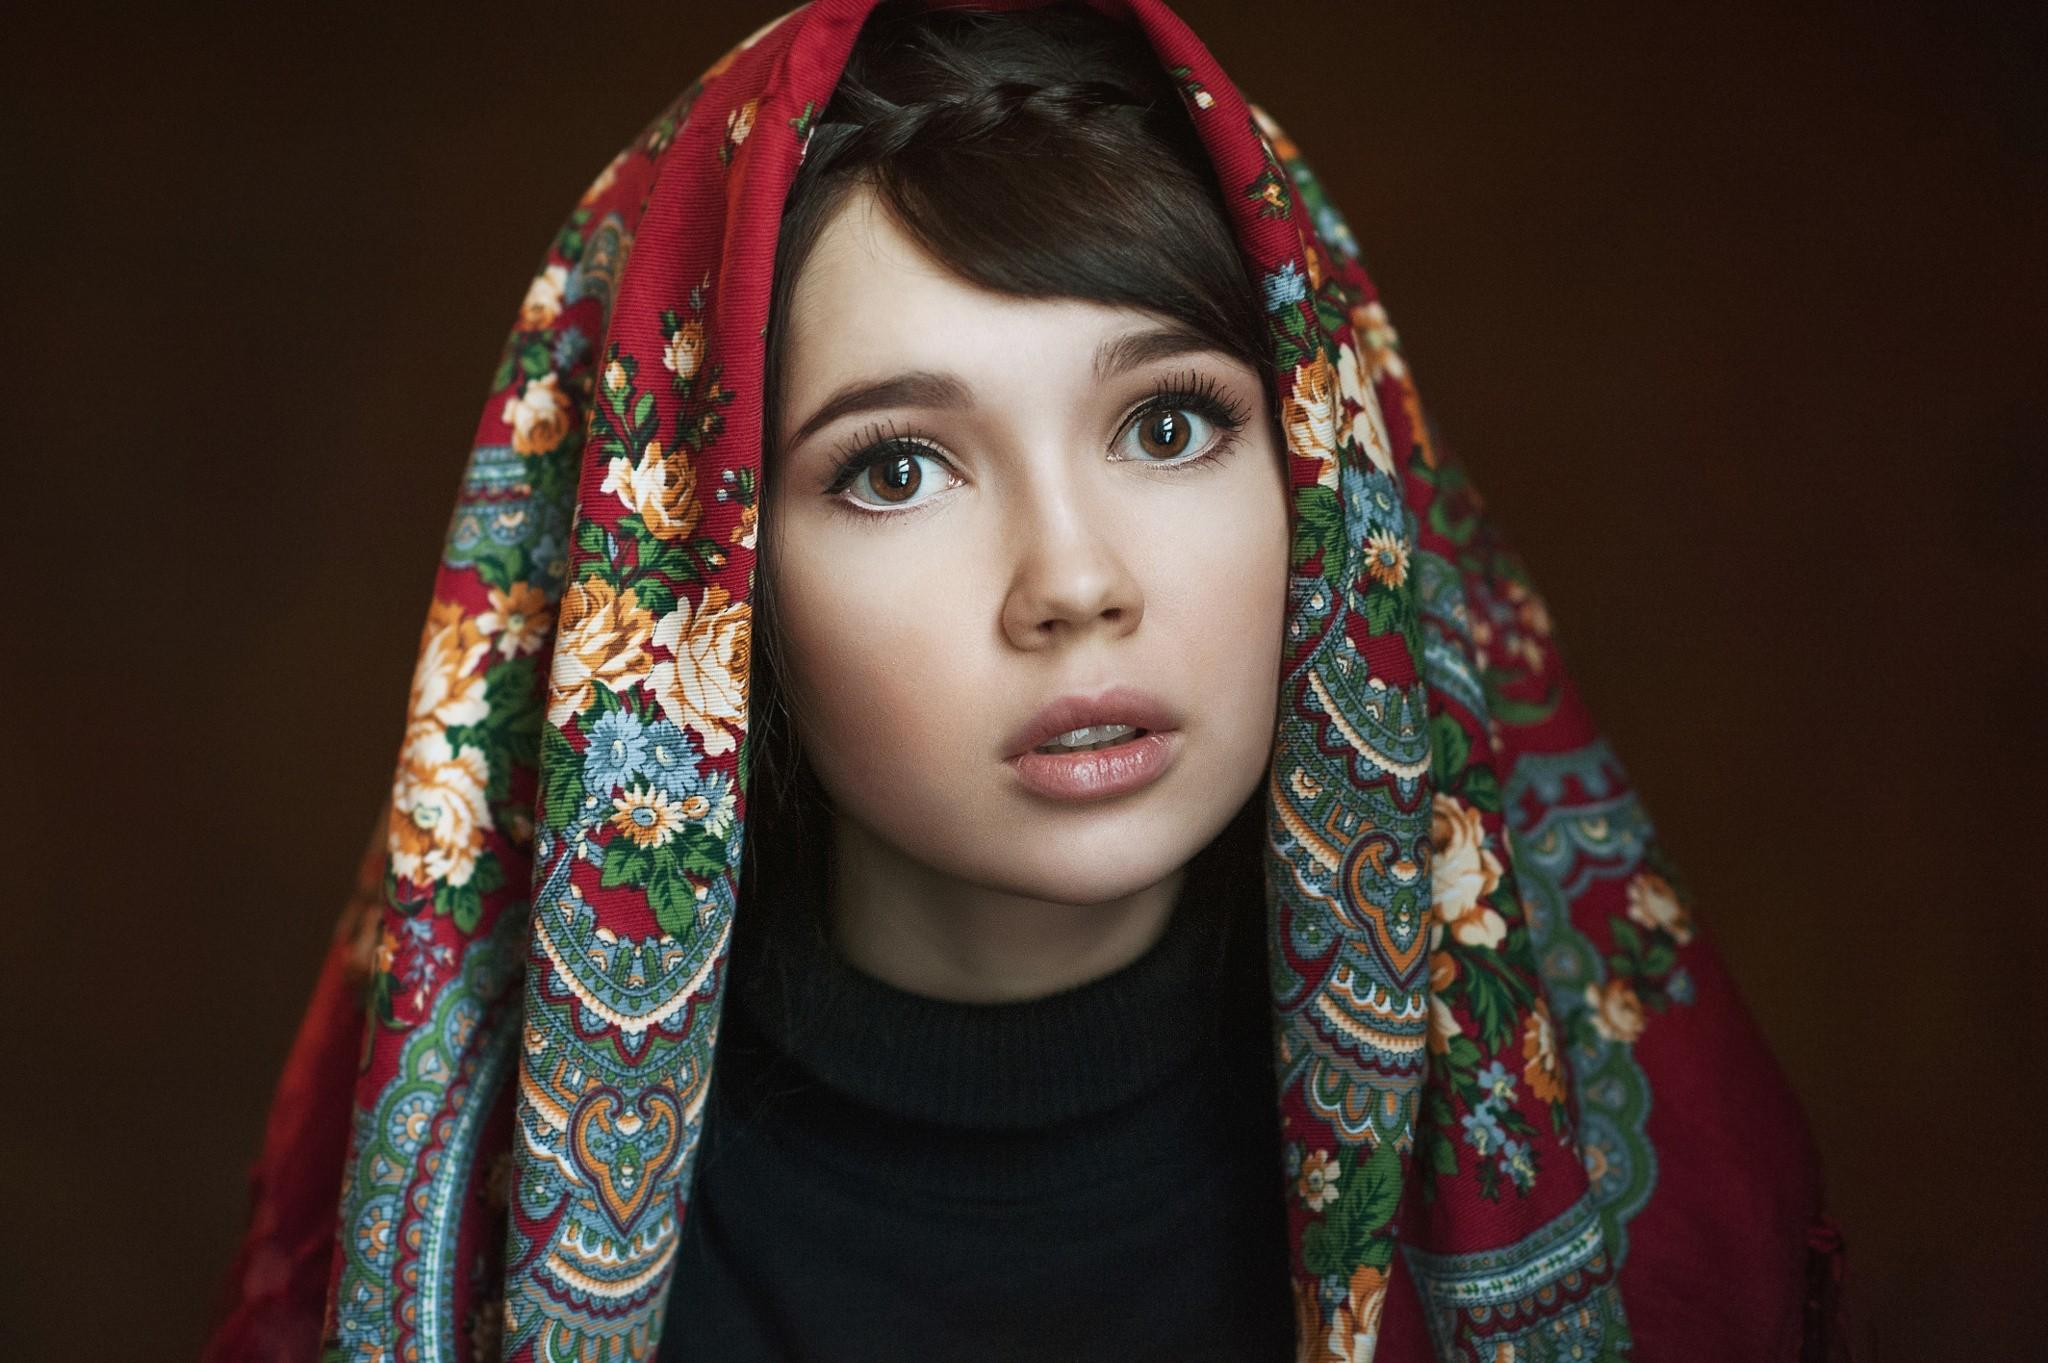 широкий размах русской девушки - 7